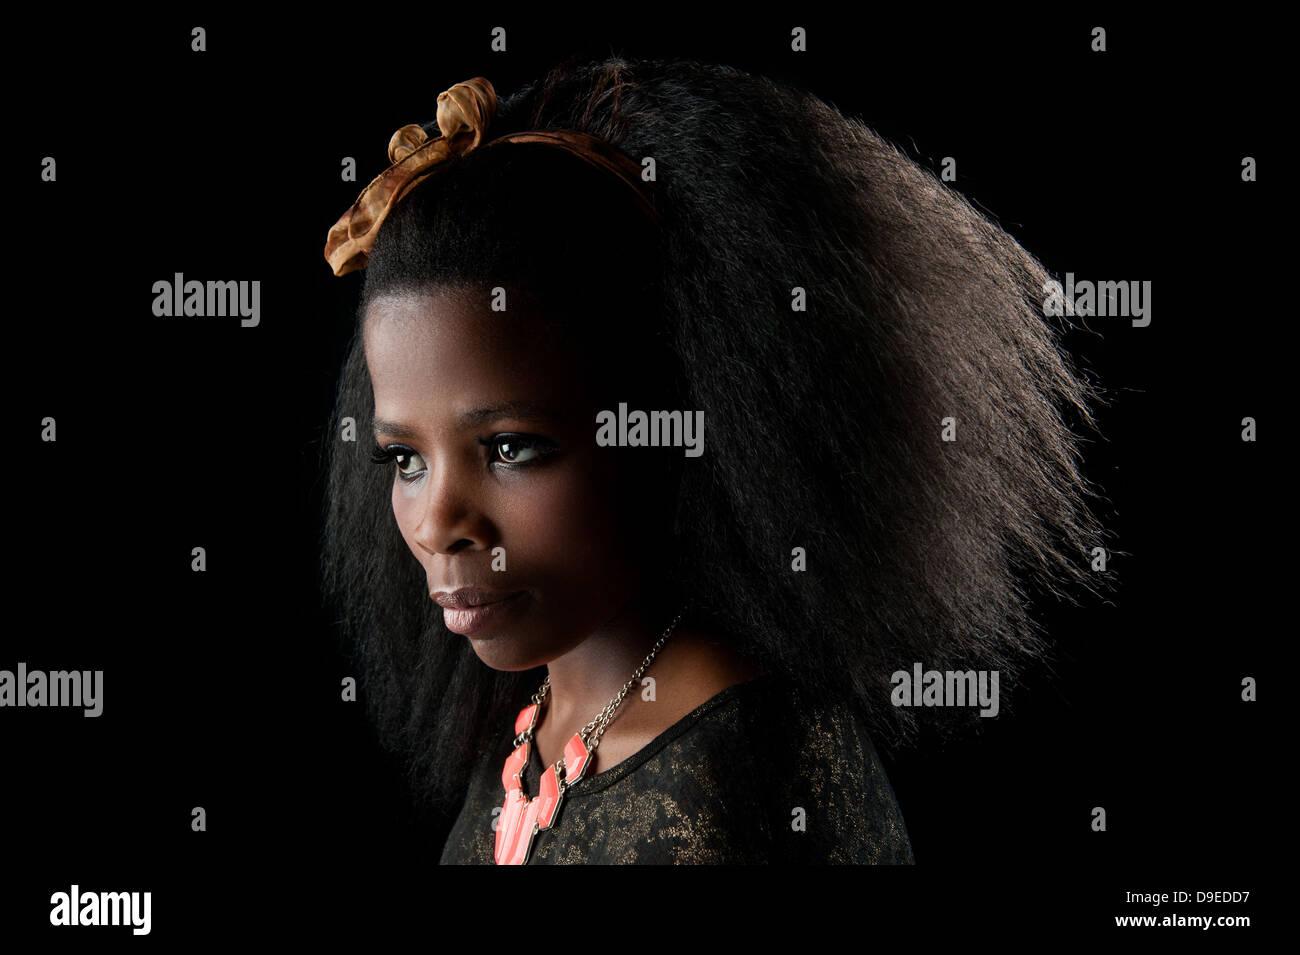 Jeune femme africaine avec de beaux cheveux afro, une clé faible background studio shot. L'expression faciale Photo Stock